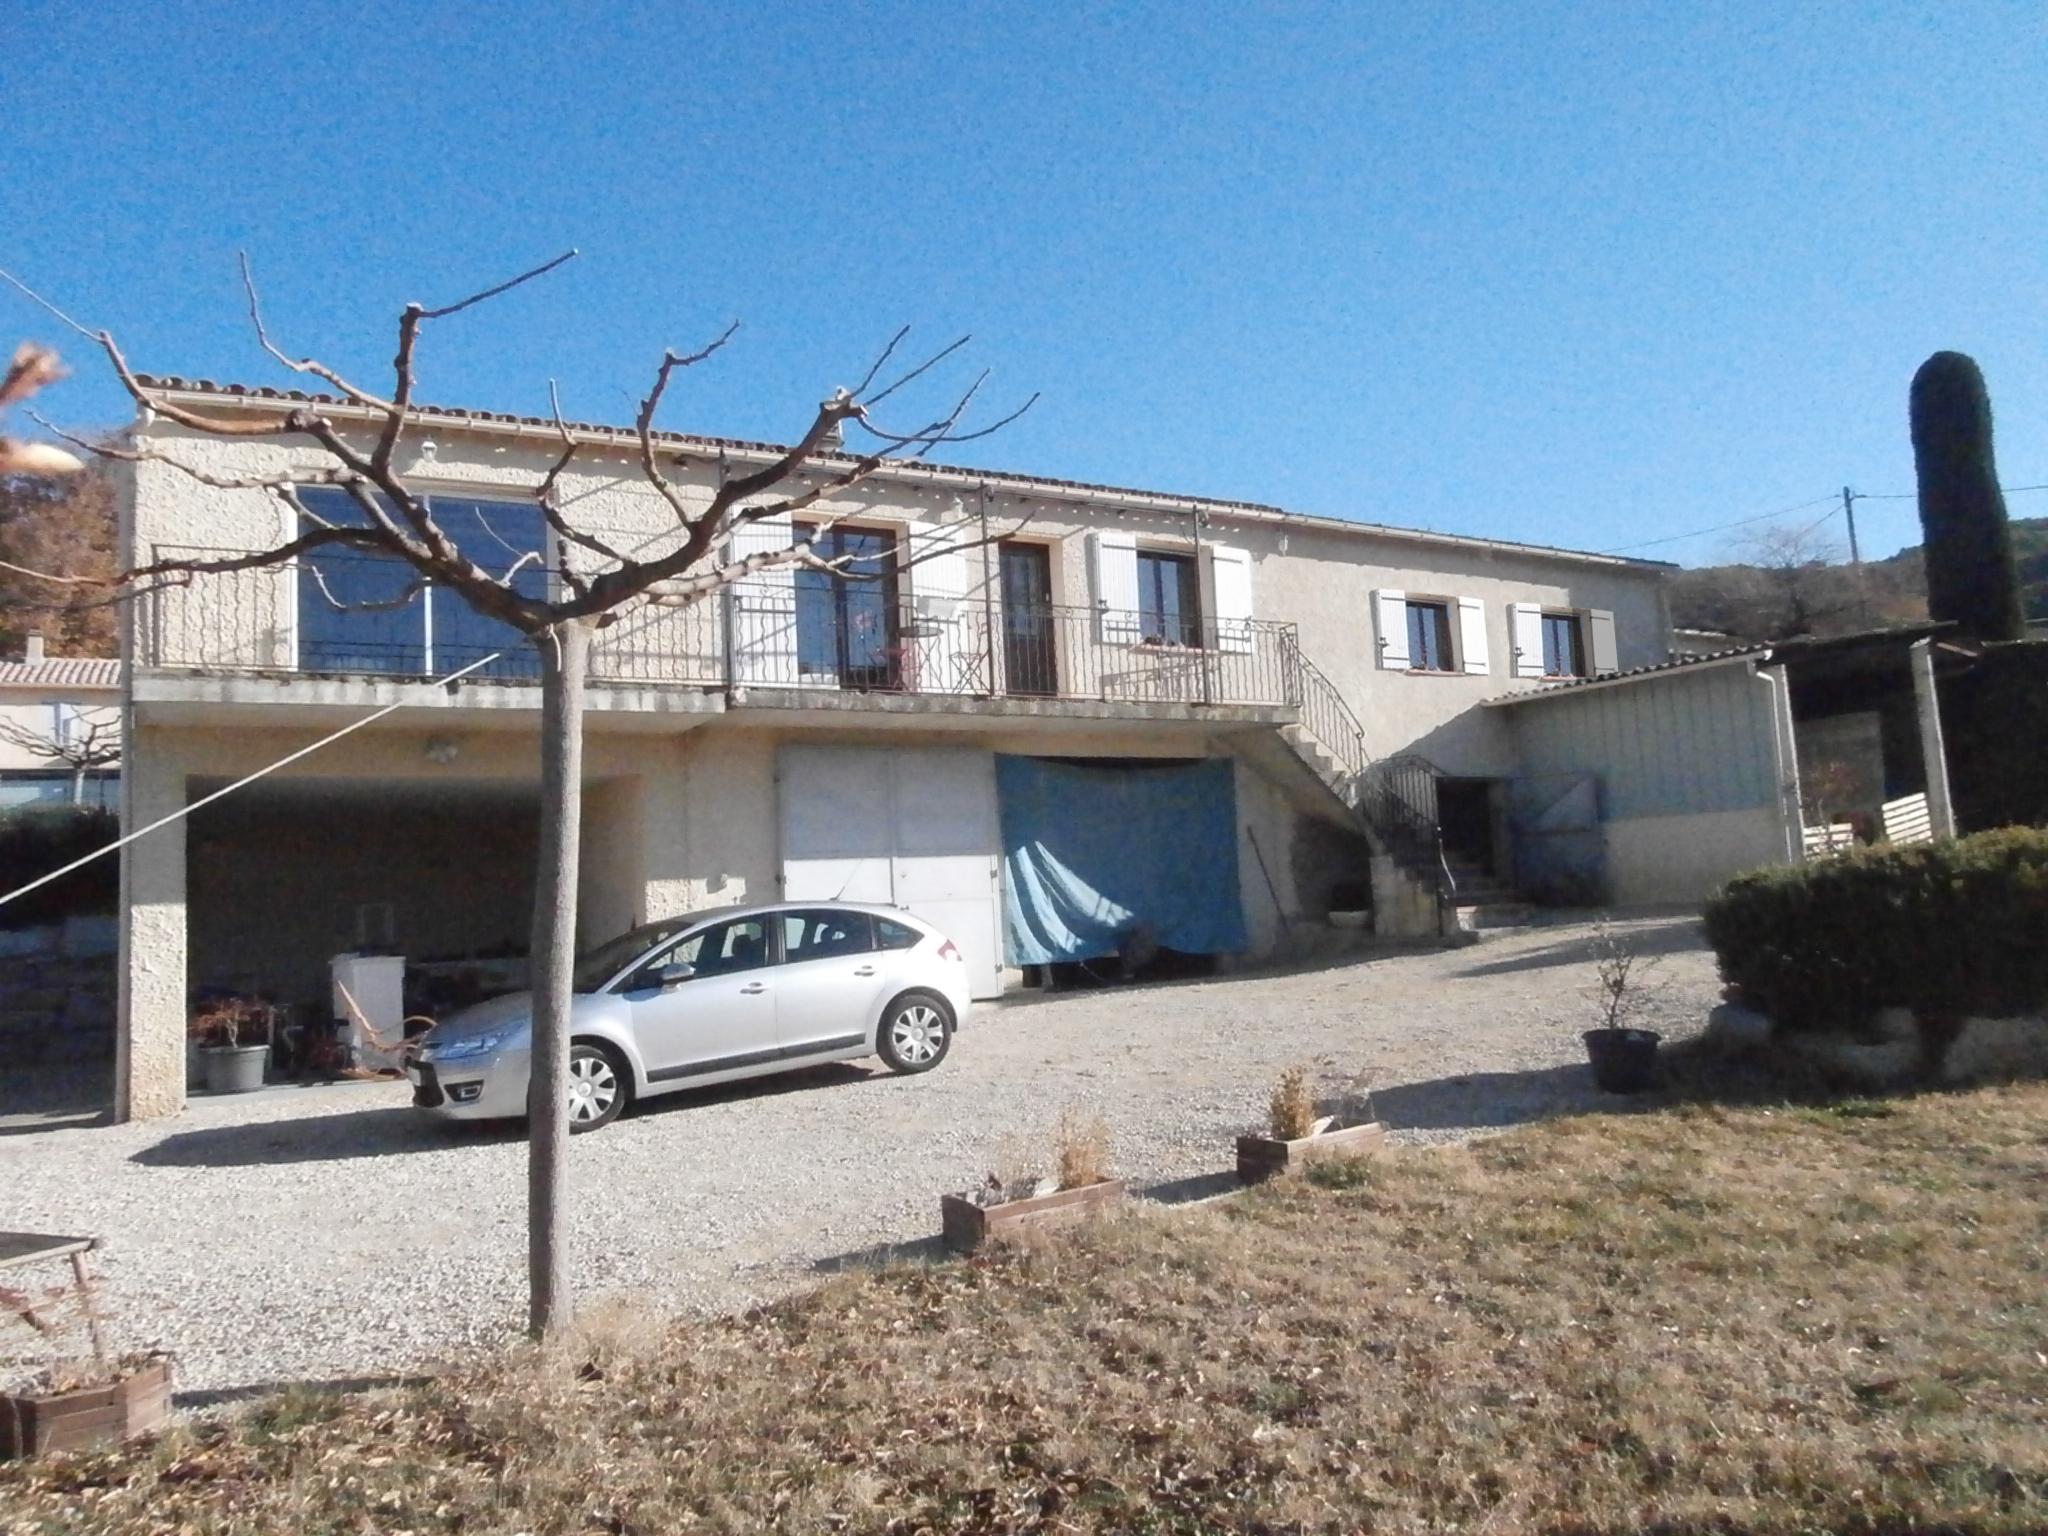 Projet Permis Construire Changement Destination hangar en habitation St Romain